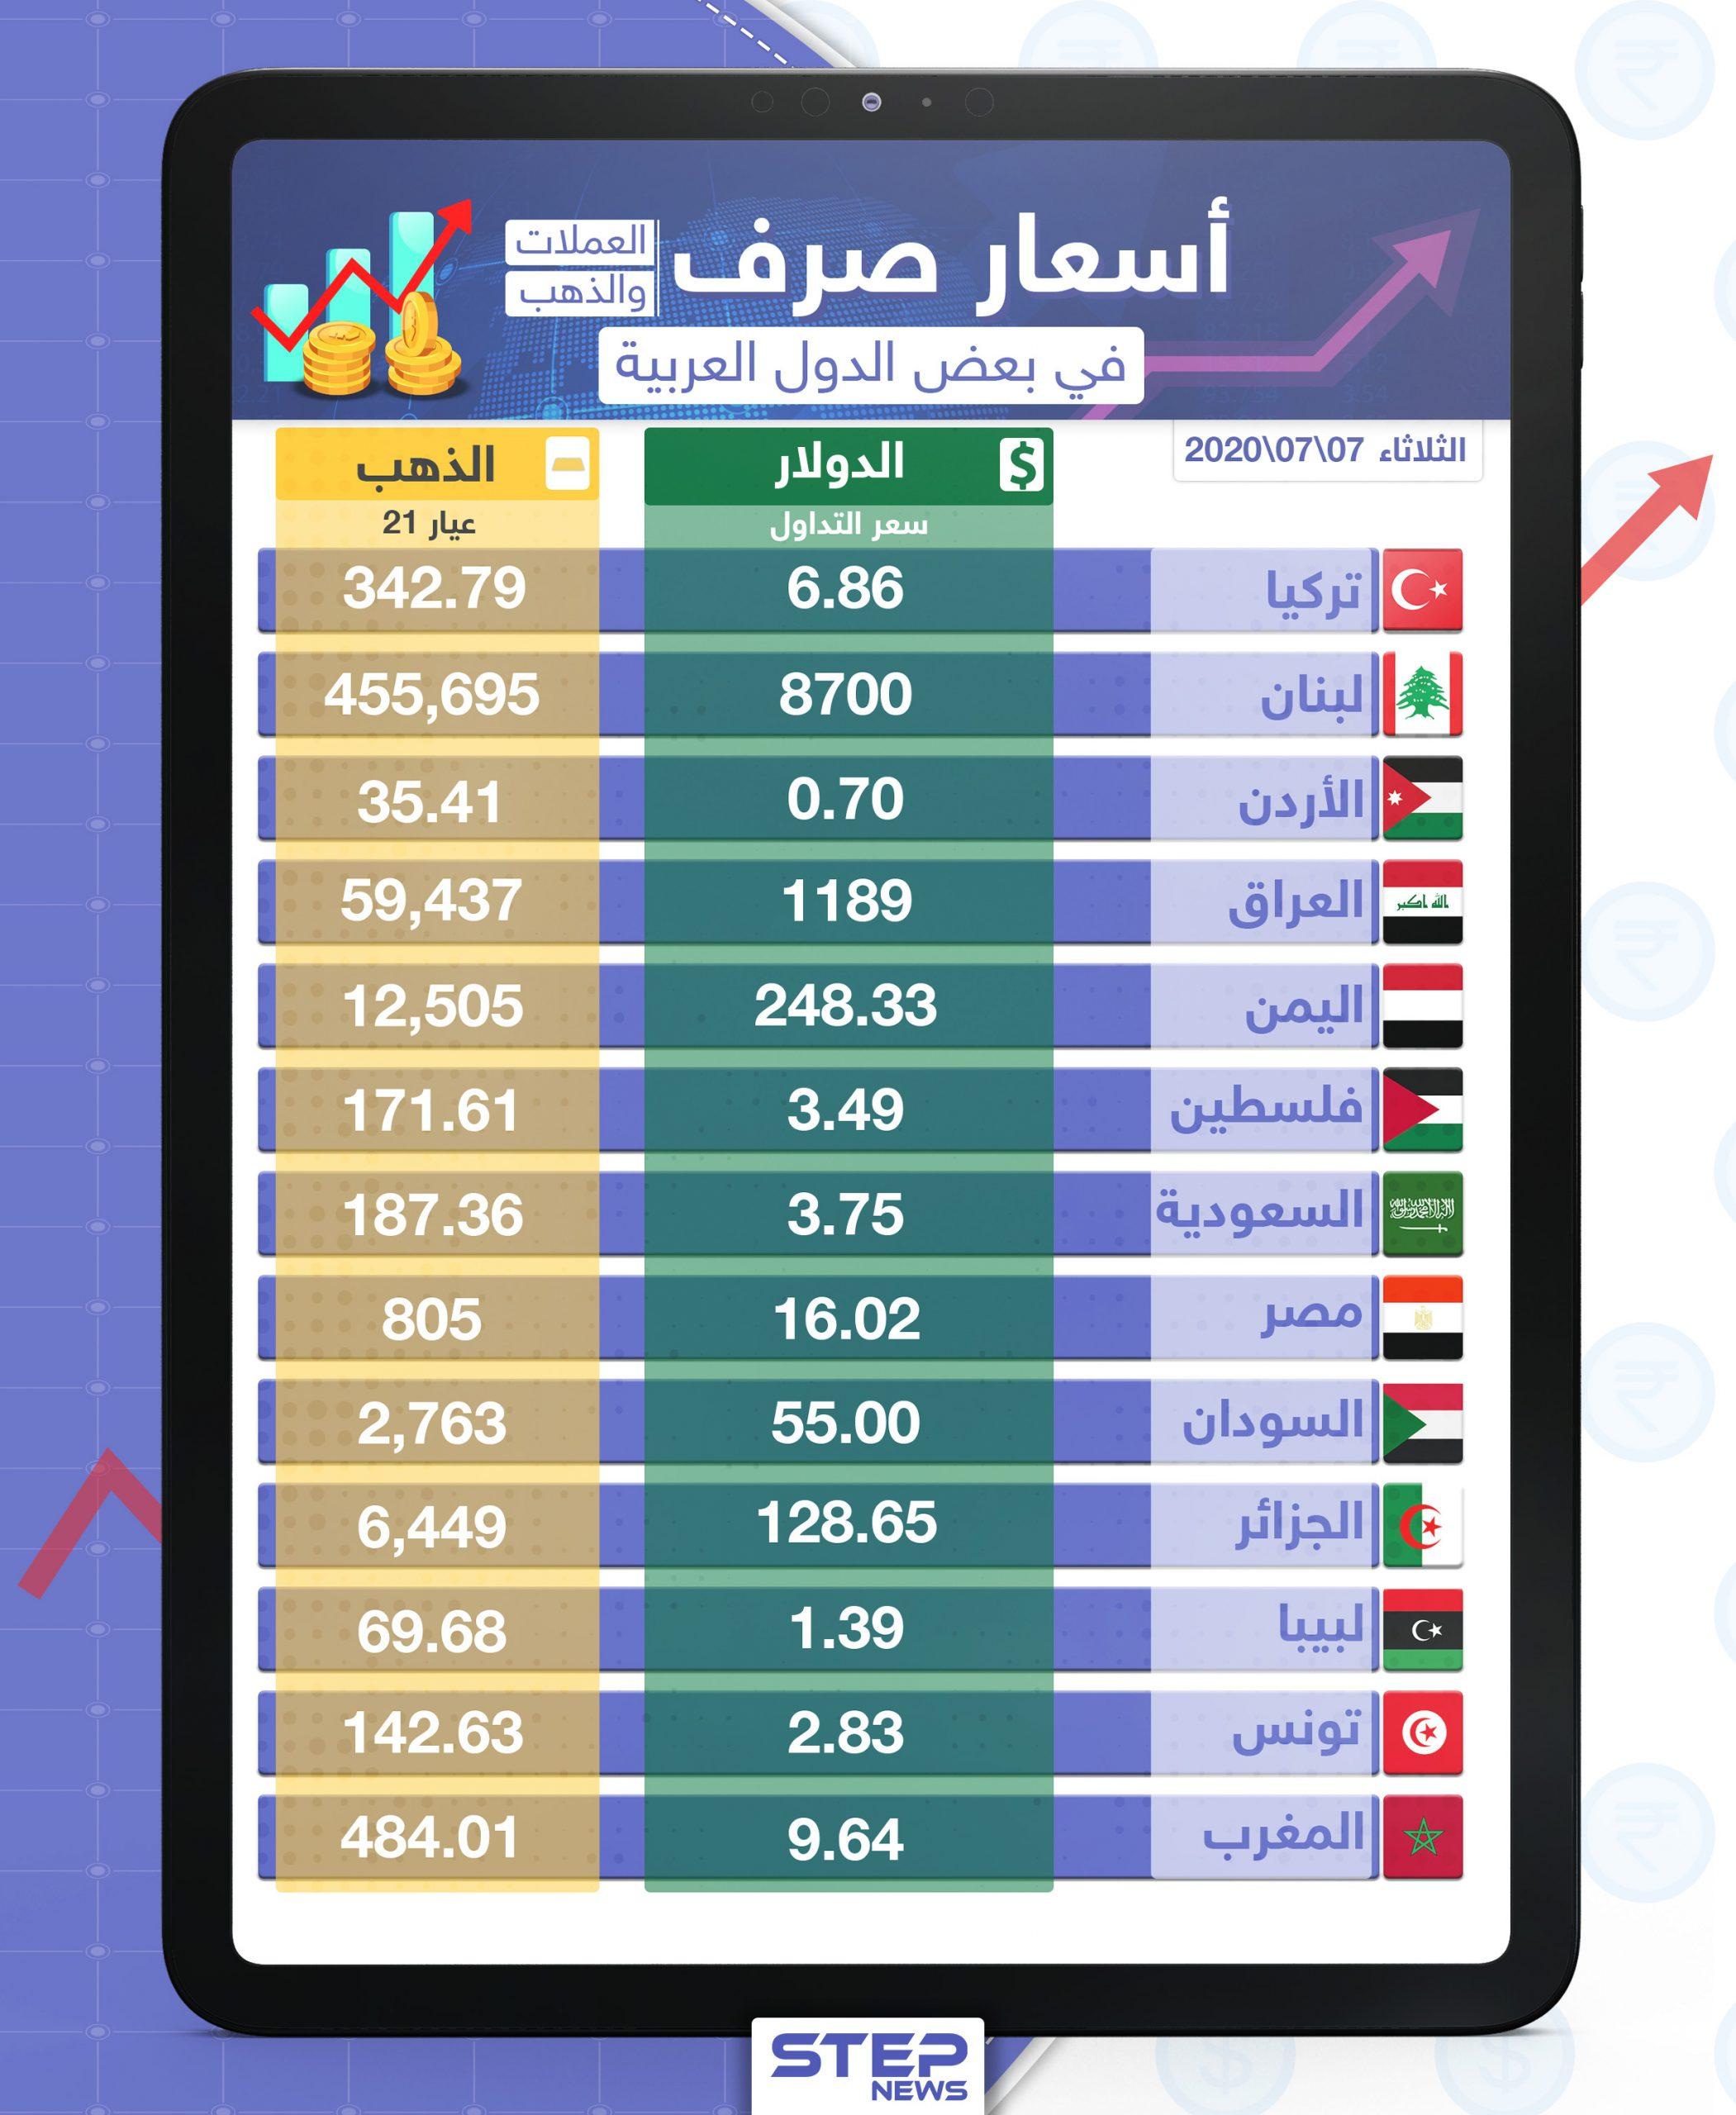 أسعار الذهب والعملات للدول العربية وتركيا اليوم الاثنين الموافق 07 تموز 2020